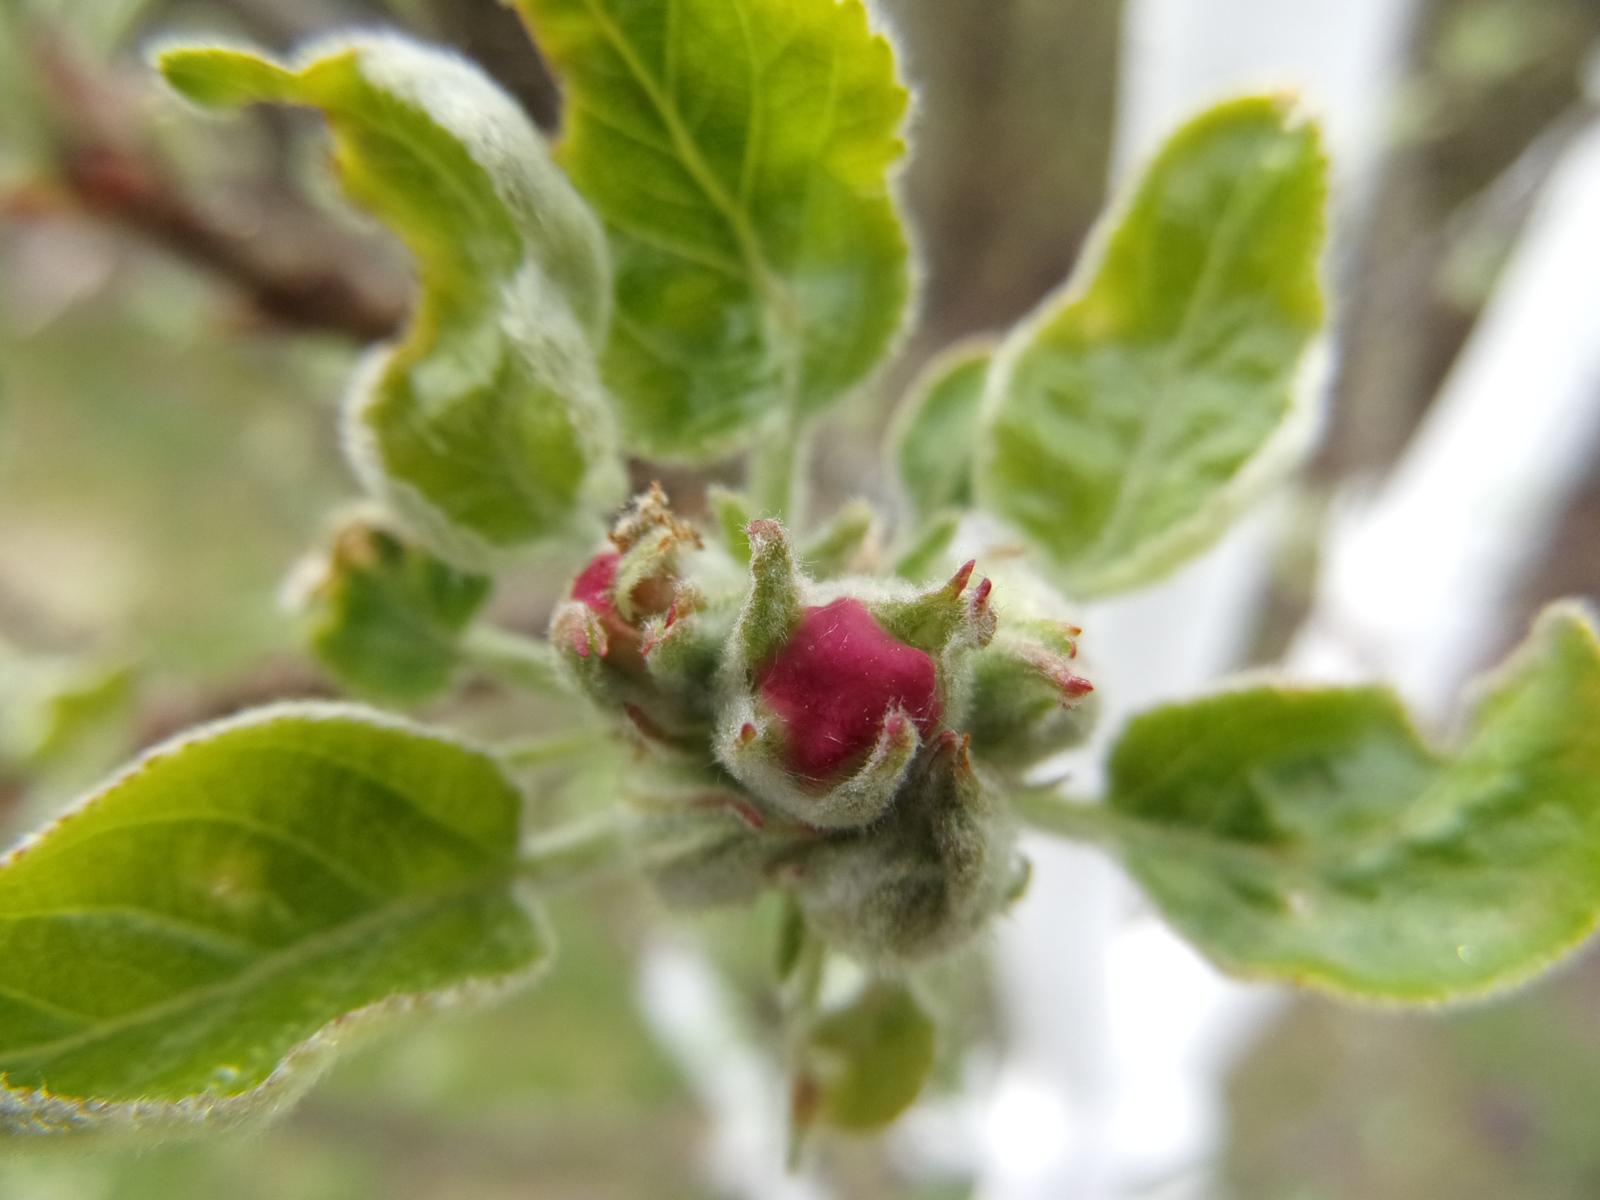 Zahrada 2018 - sloupovitá jabloň brzy rozkvete